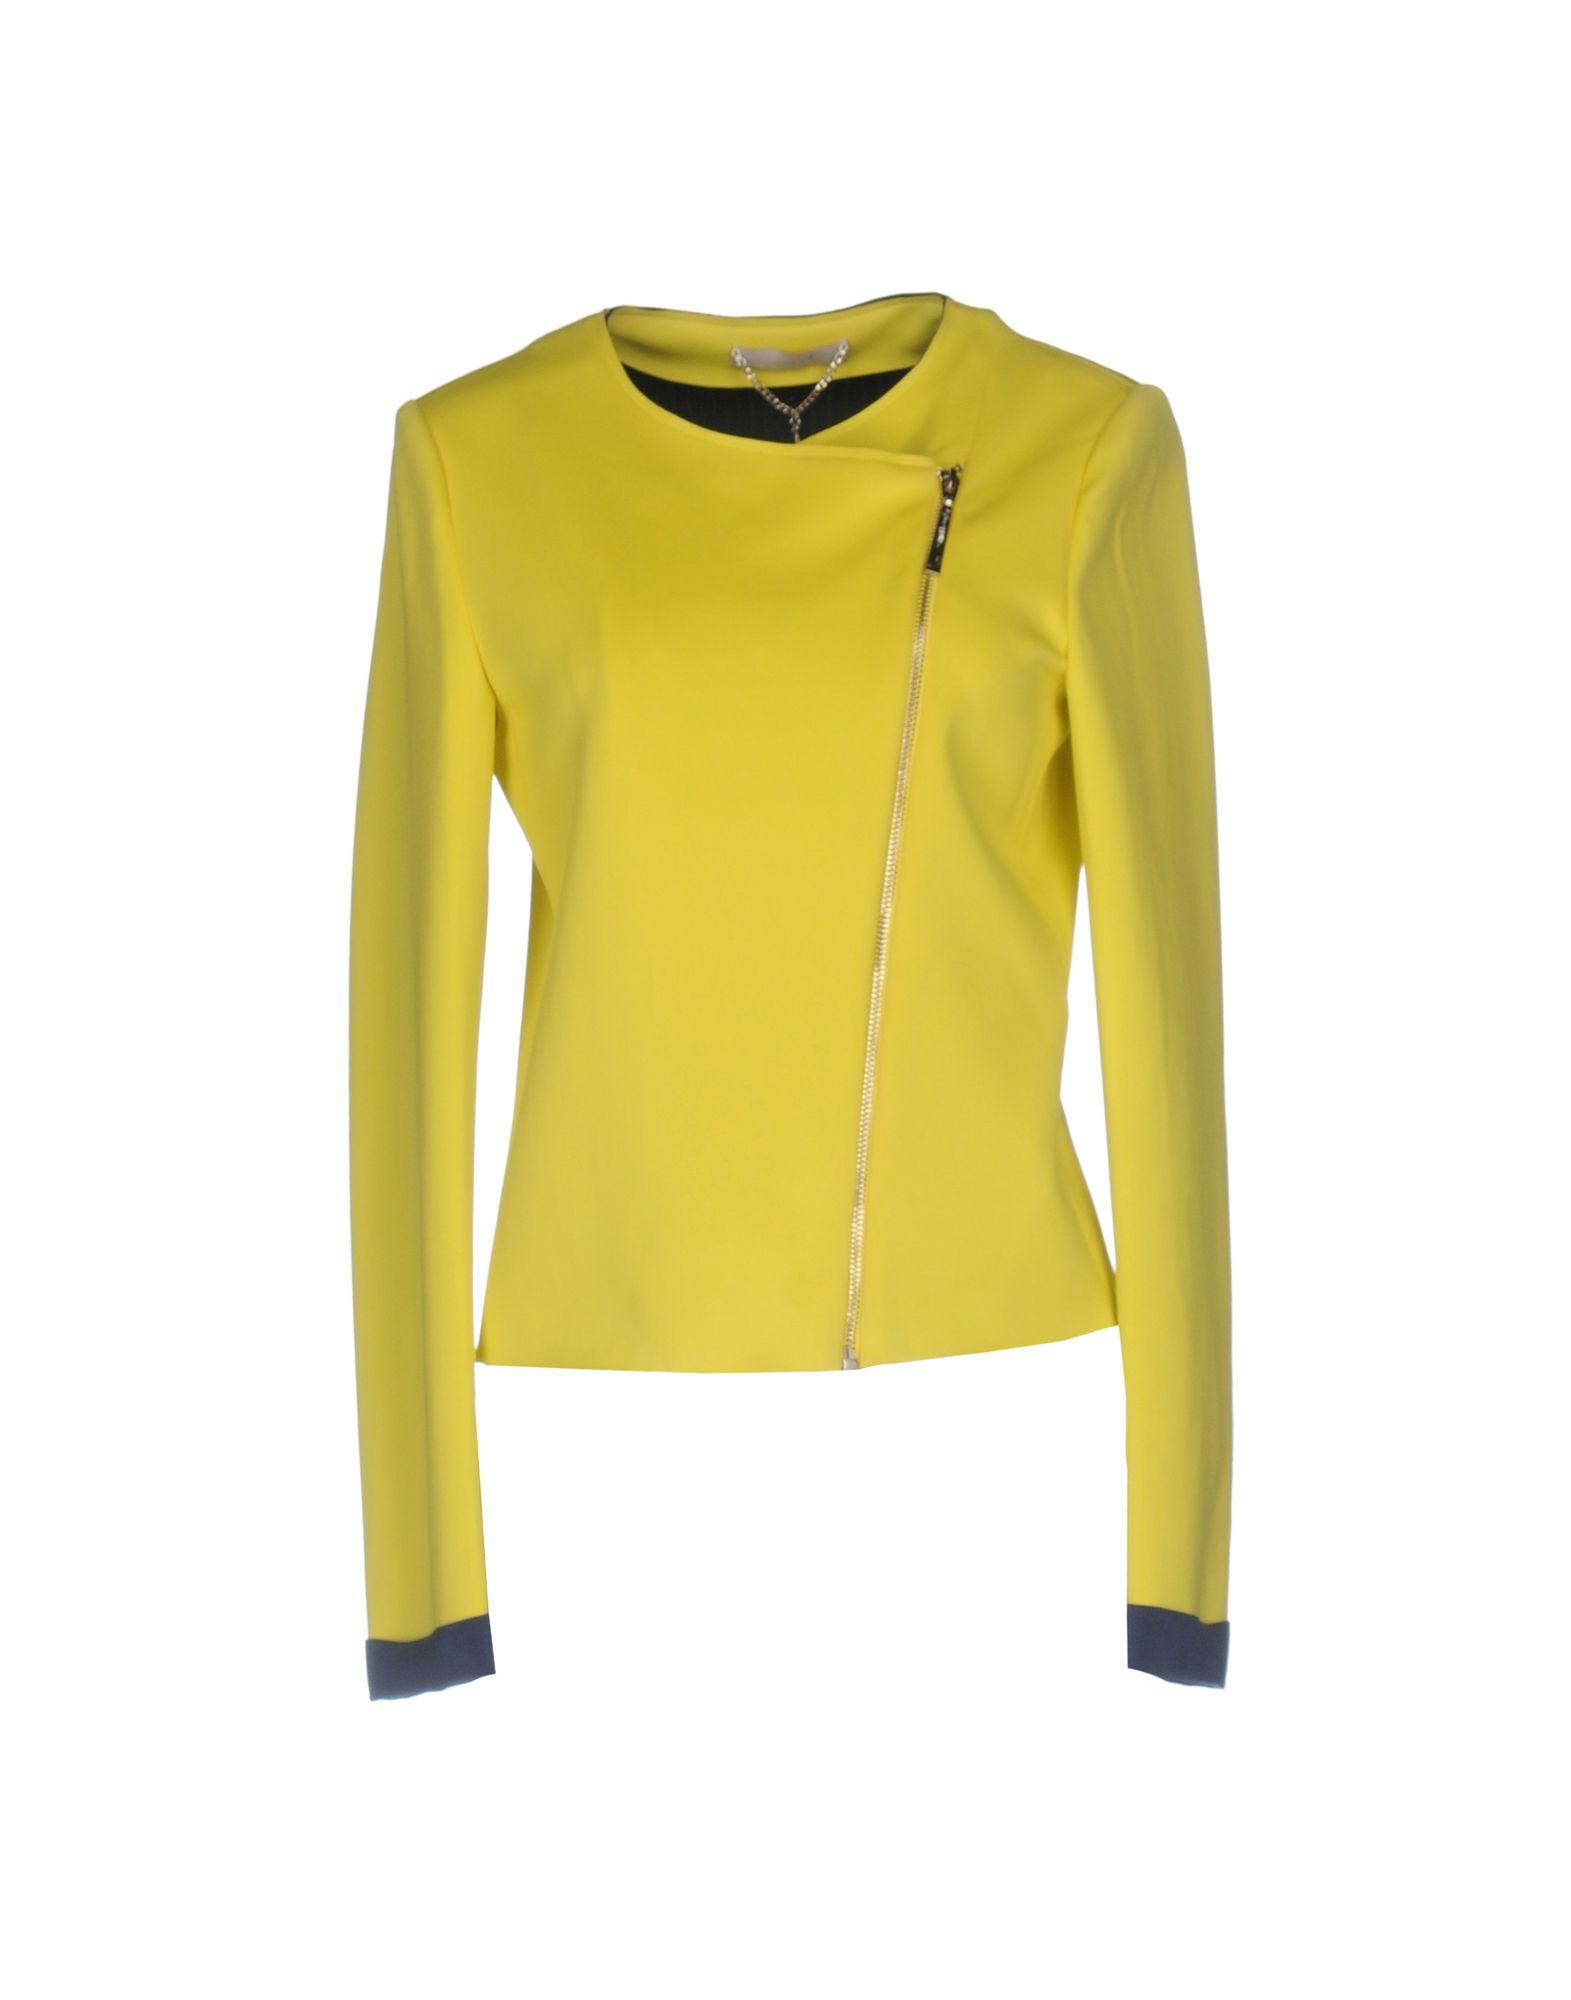 LES PLUMES de LIU •JO Damen Jacke Farbe Gelb Größe 4